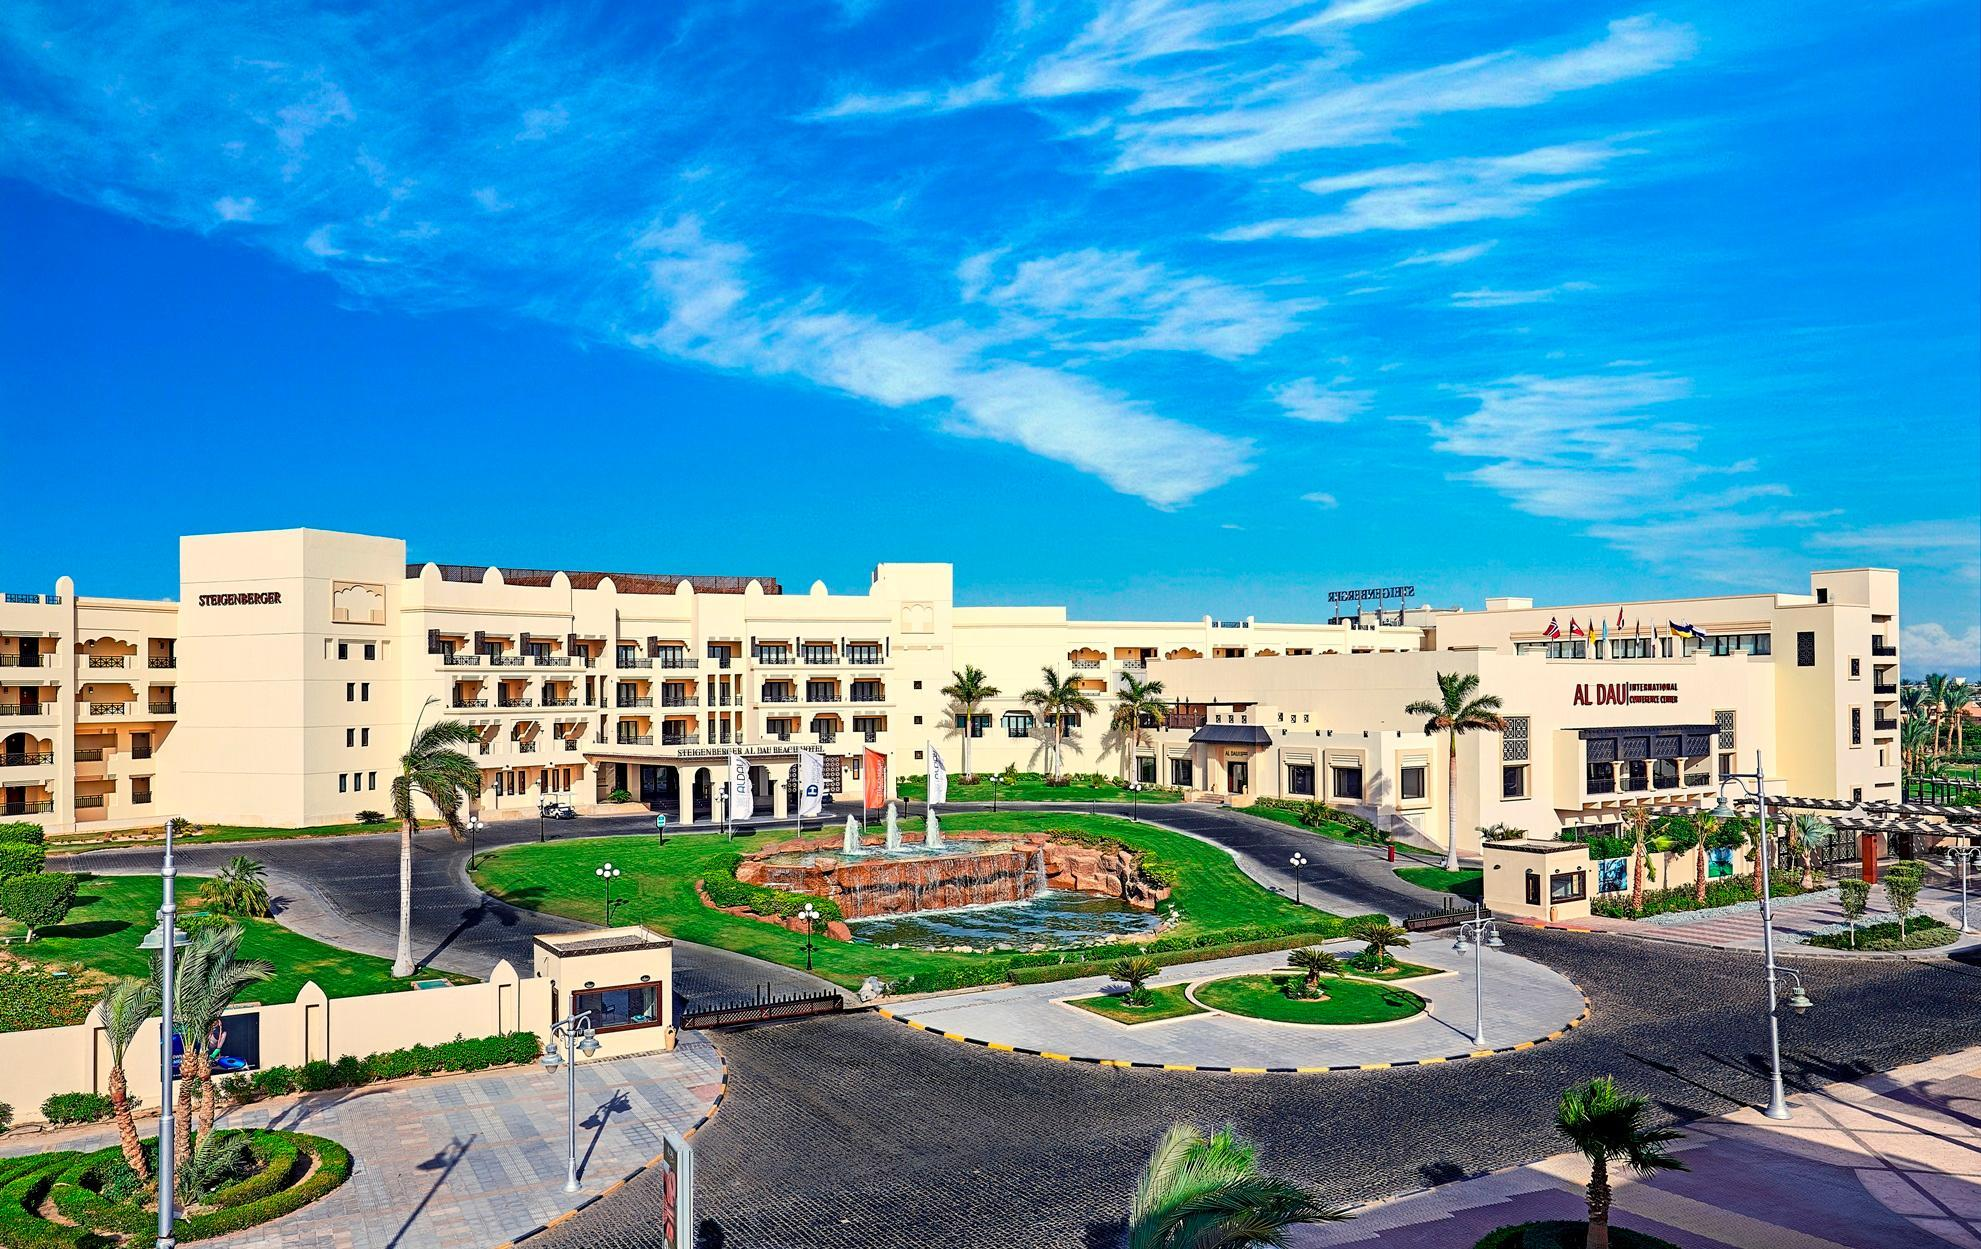 Steigenberger Aldau Beach Hotel, Hurghada Image 5